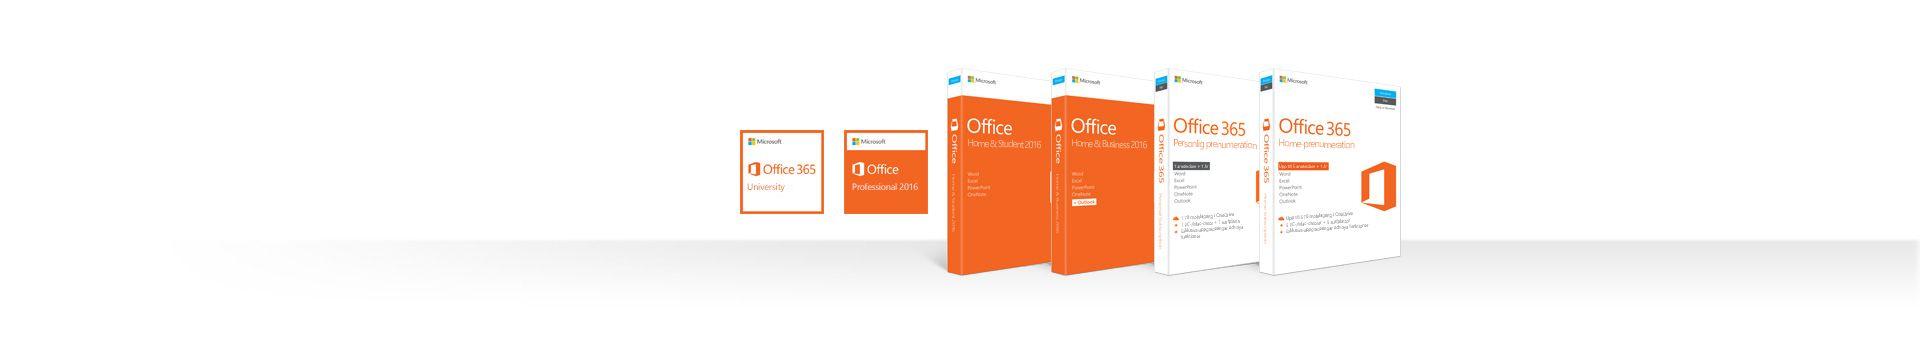 En rad med rutor som representerar Office-prenumeration och fristående produkter för PC